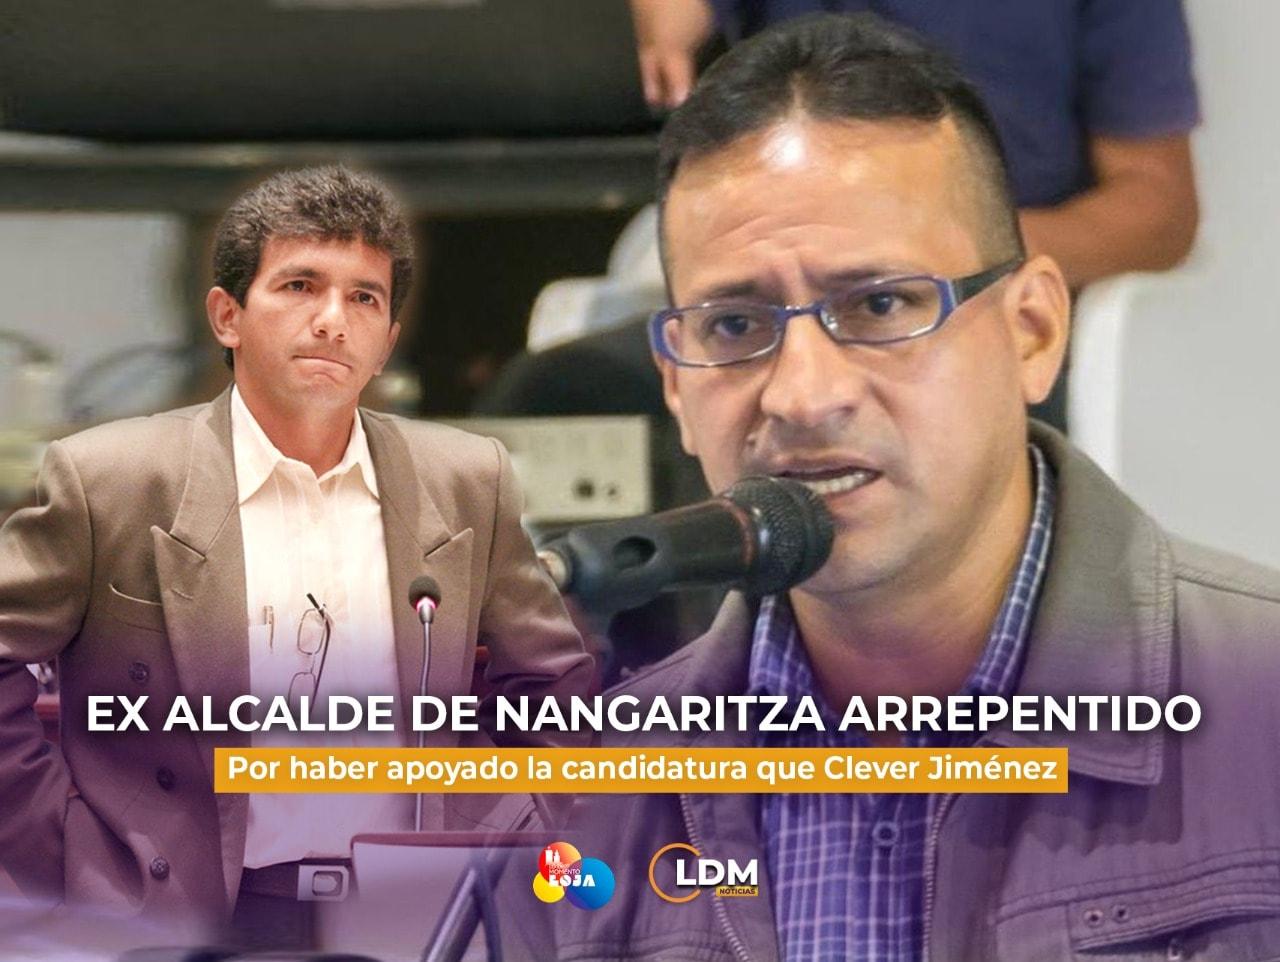 Ex alcalde de Nangaritza pide disculpas por haber apoyado a Cléver Jiménez.